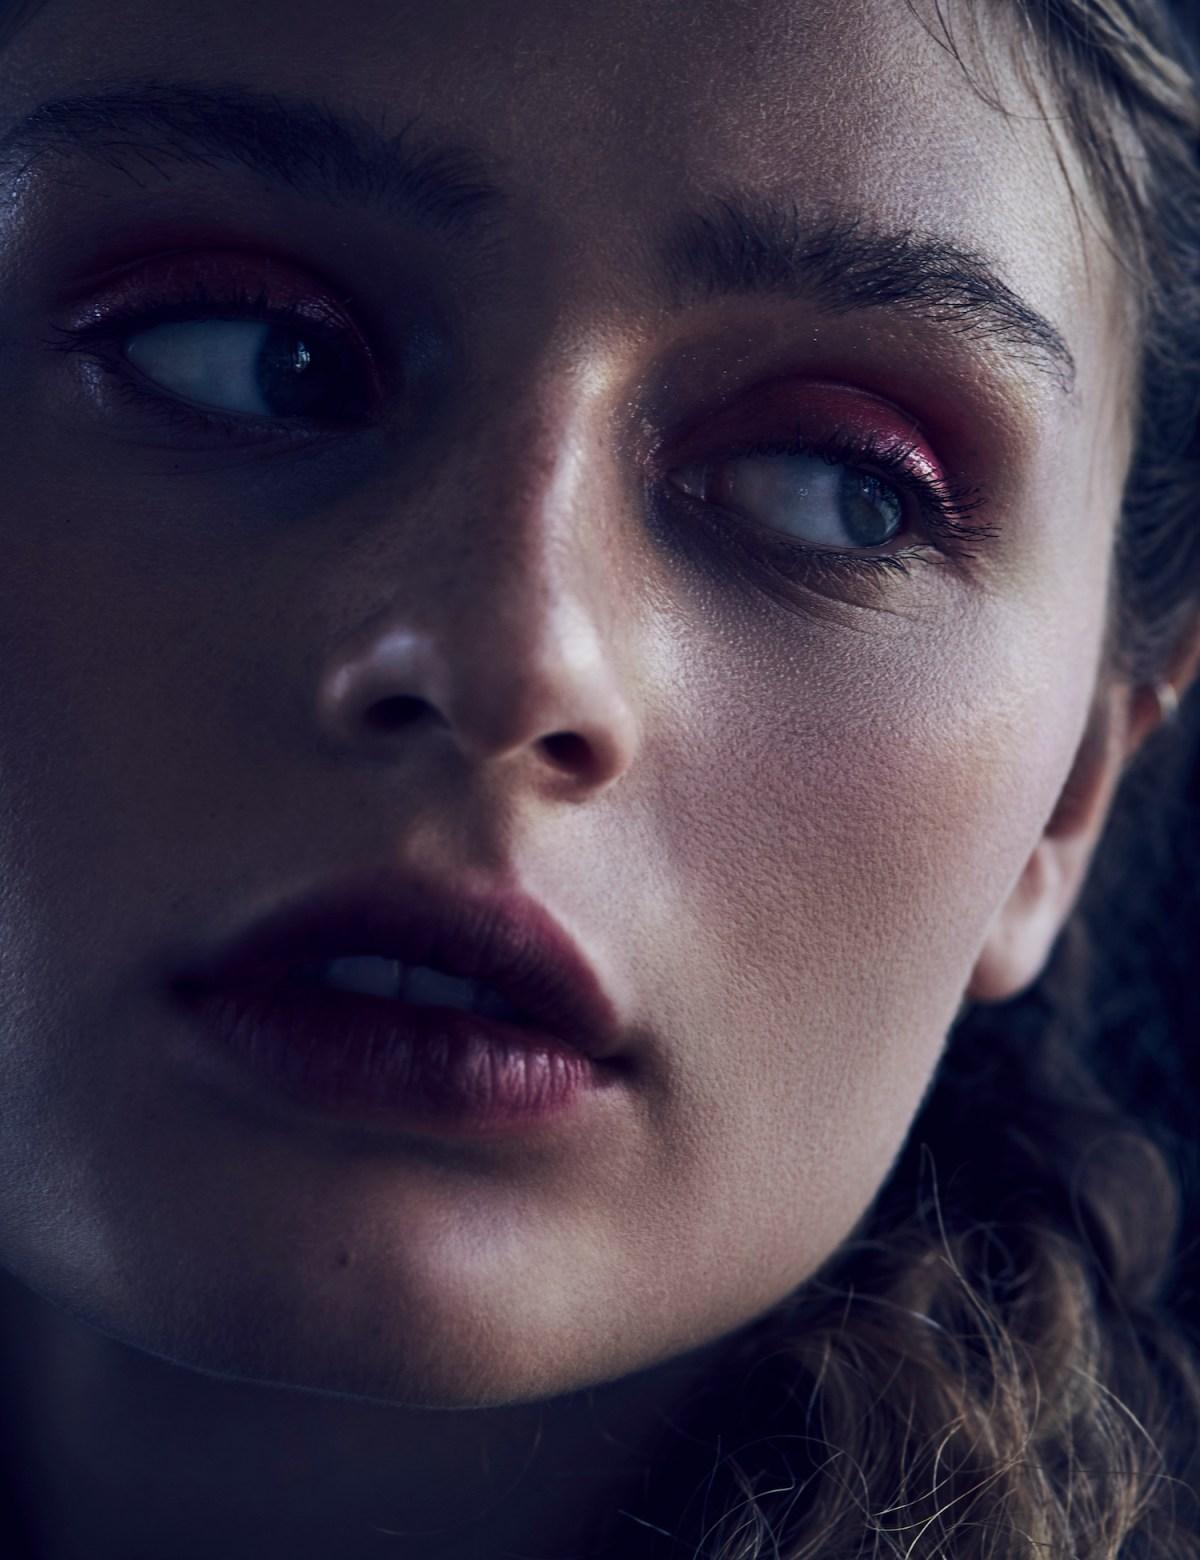 Lilliya Scarlett by Michael Barr for Portraits Of Girls